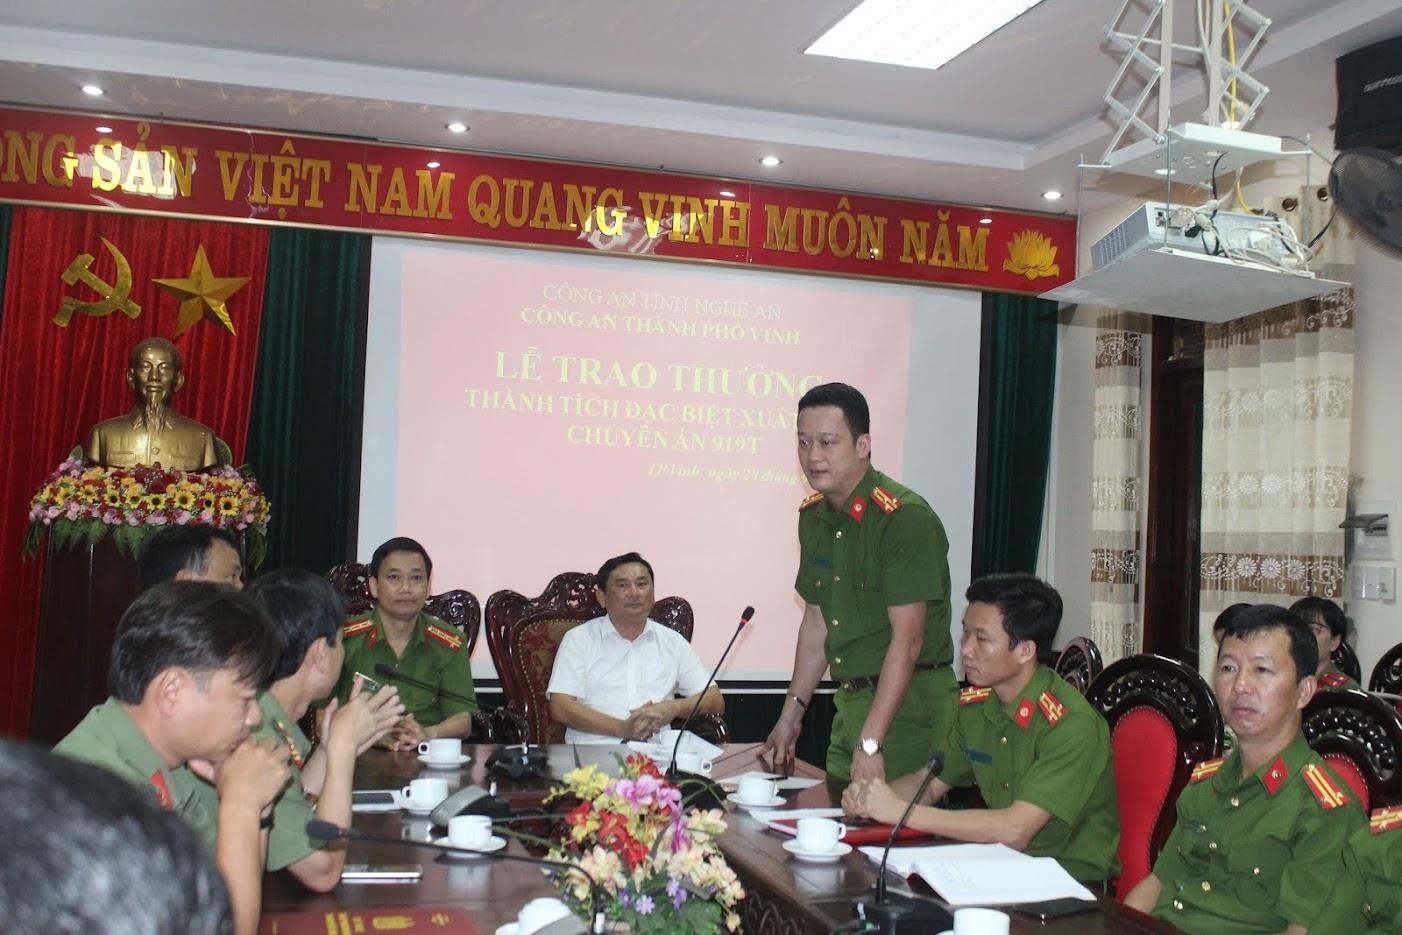 Đ/c Thượng tá Nguyễn Đức Cường, Trưởng CATP Vinh phát biểu tại Lễ trao thưởng.